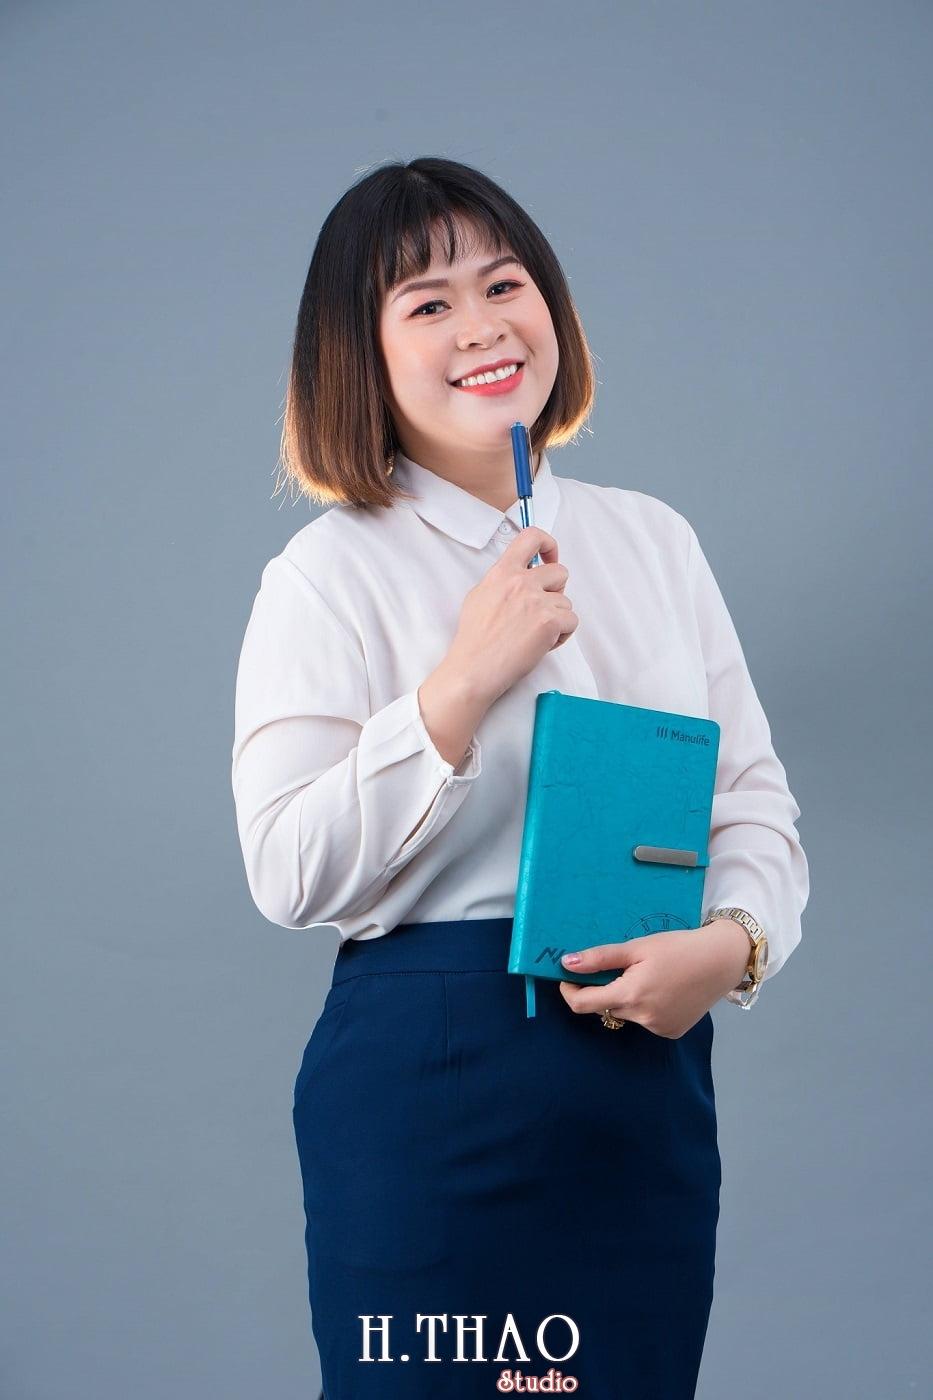 Chi Hoa 8 - Studio chụp ảnh profile cá nhân chuyên nghiệp ở Tp.HCM- HThao Studio